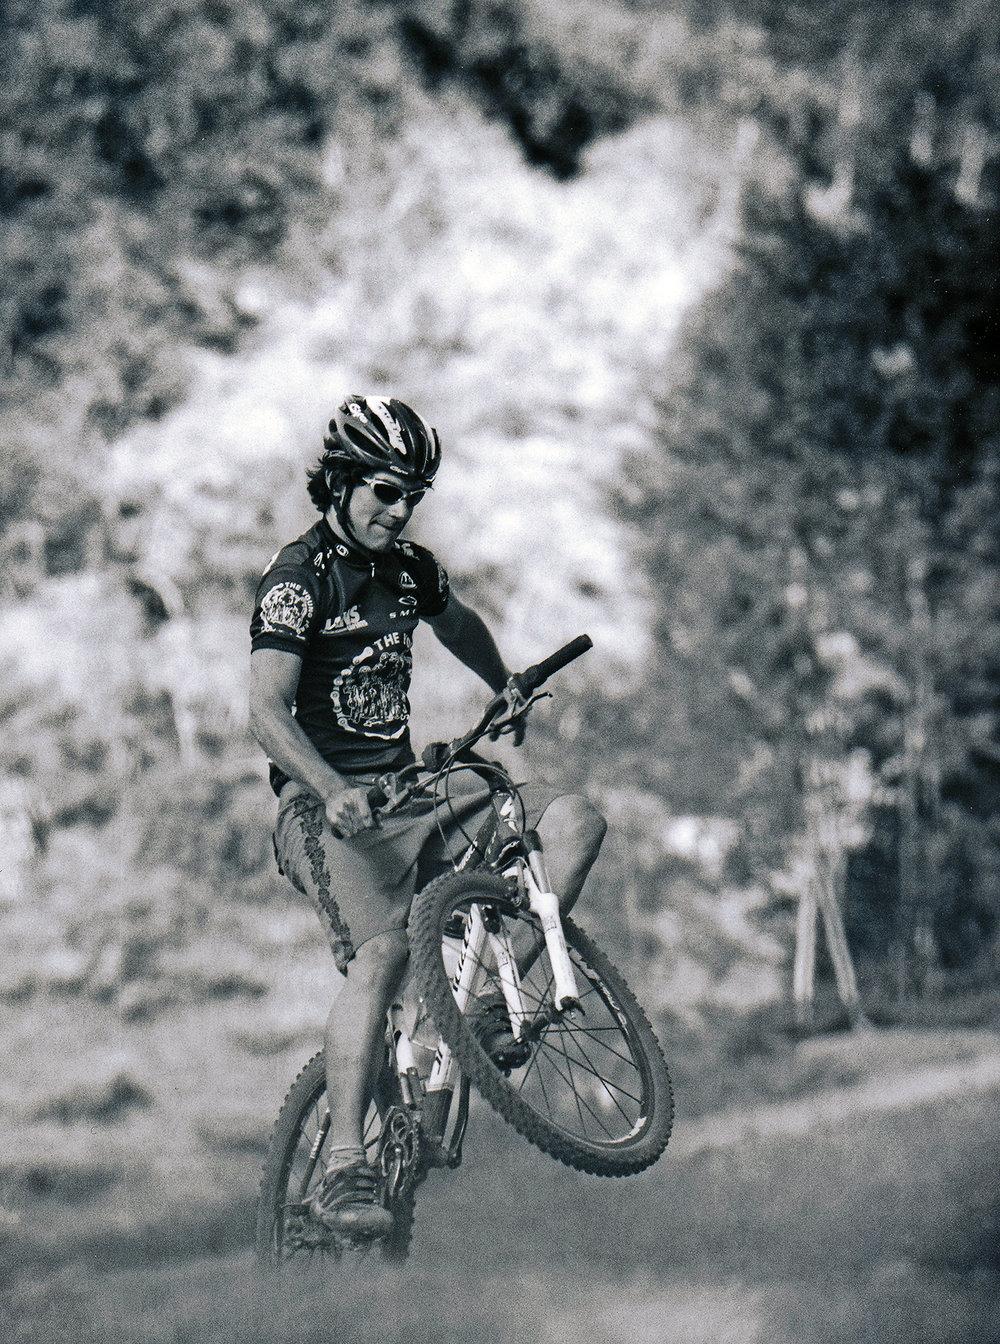 bike dude.jpg